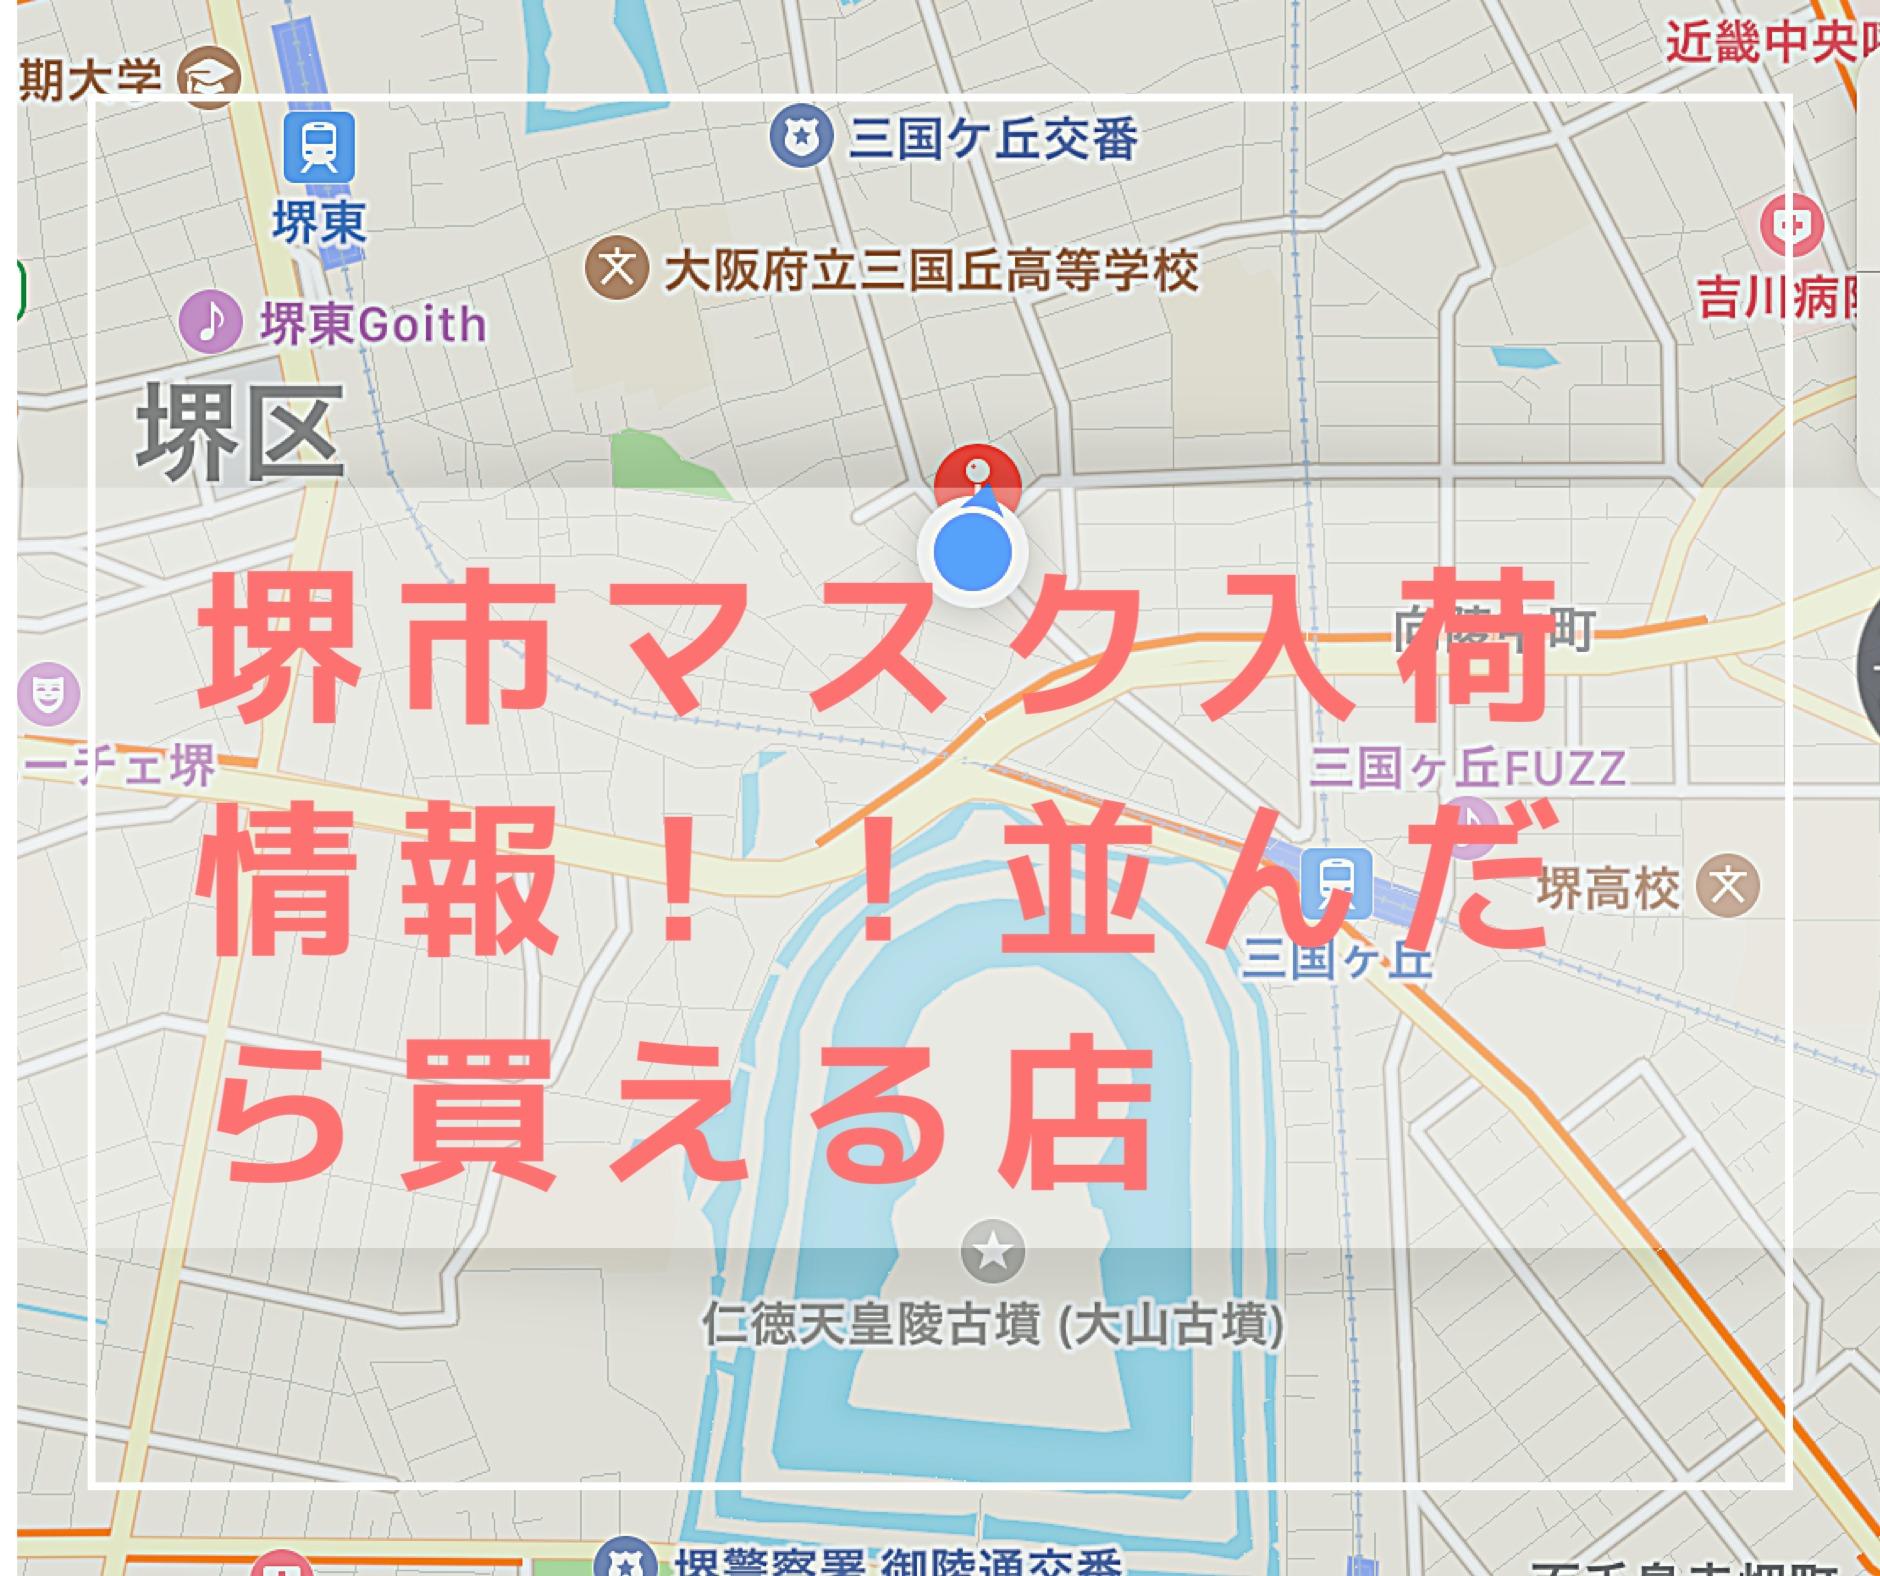 堺市マスク入荷情報!!並んだら買える店